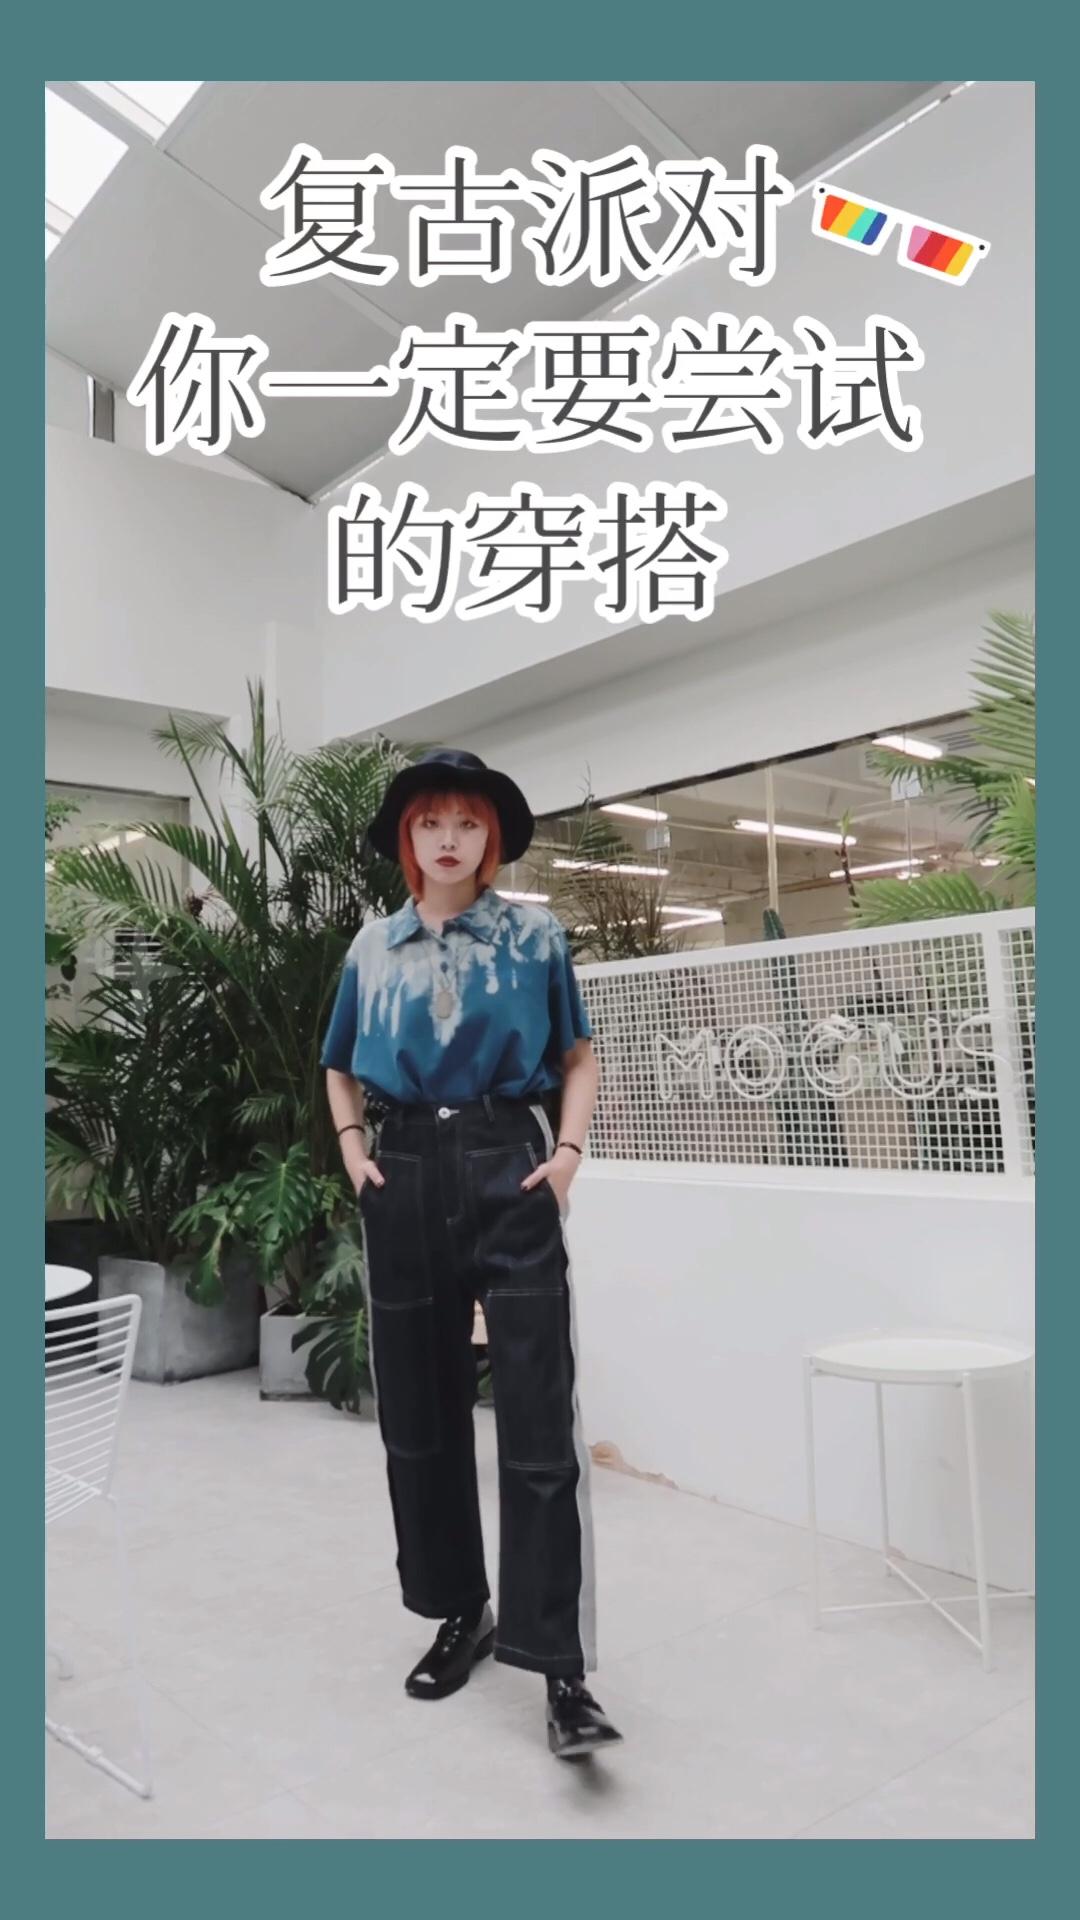 #蘑菇街新品测评#  复古港风的秘诀: 1⃣️高腰阔腿牛仔裤 2⃣️搭配亮皮鞋 3⃣️将上衣塞进去 此时你就成功了99.99%